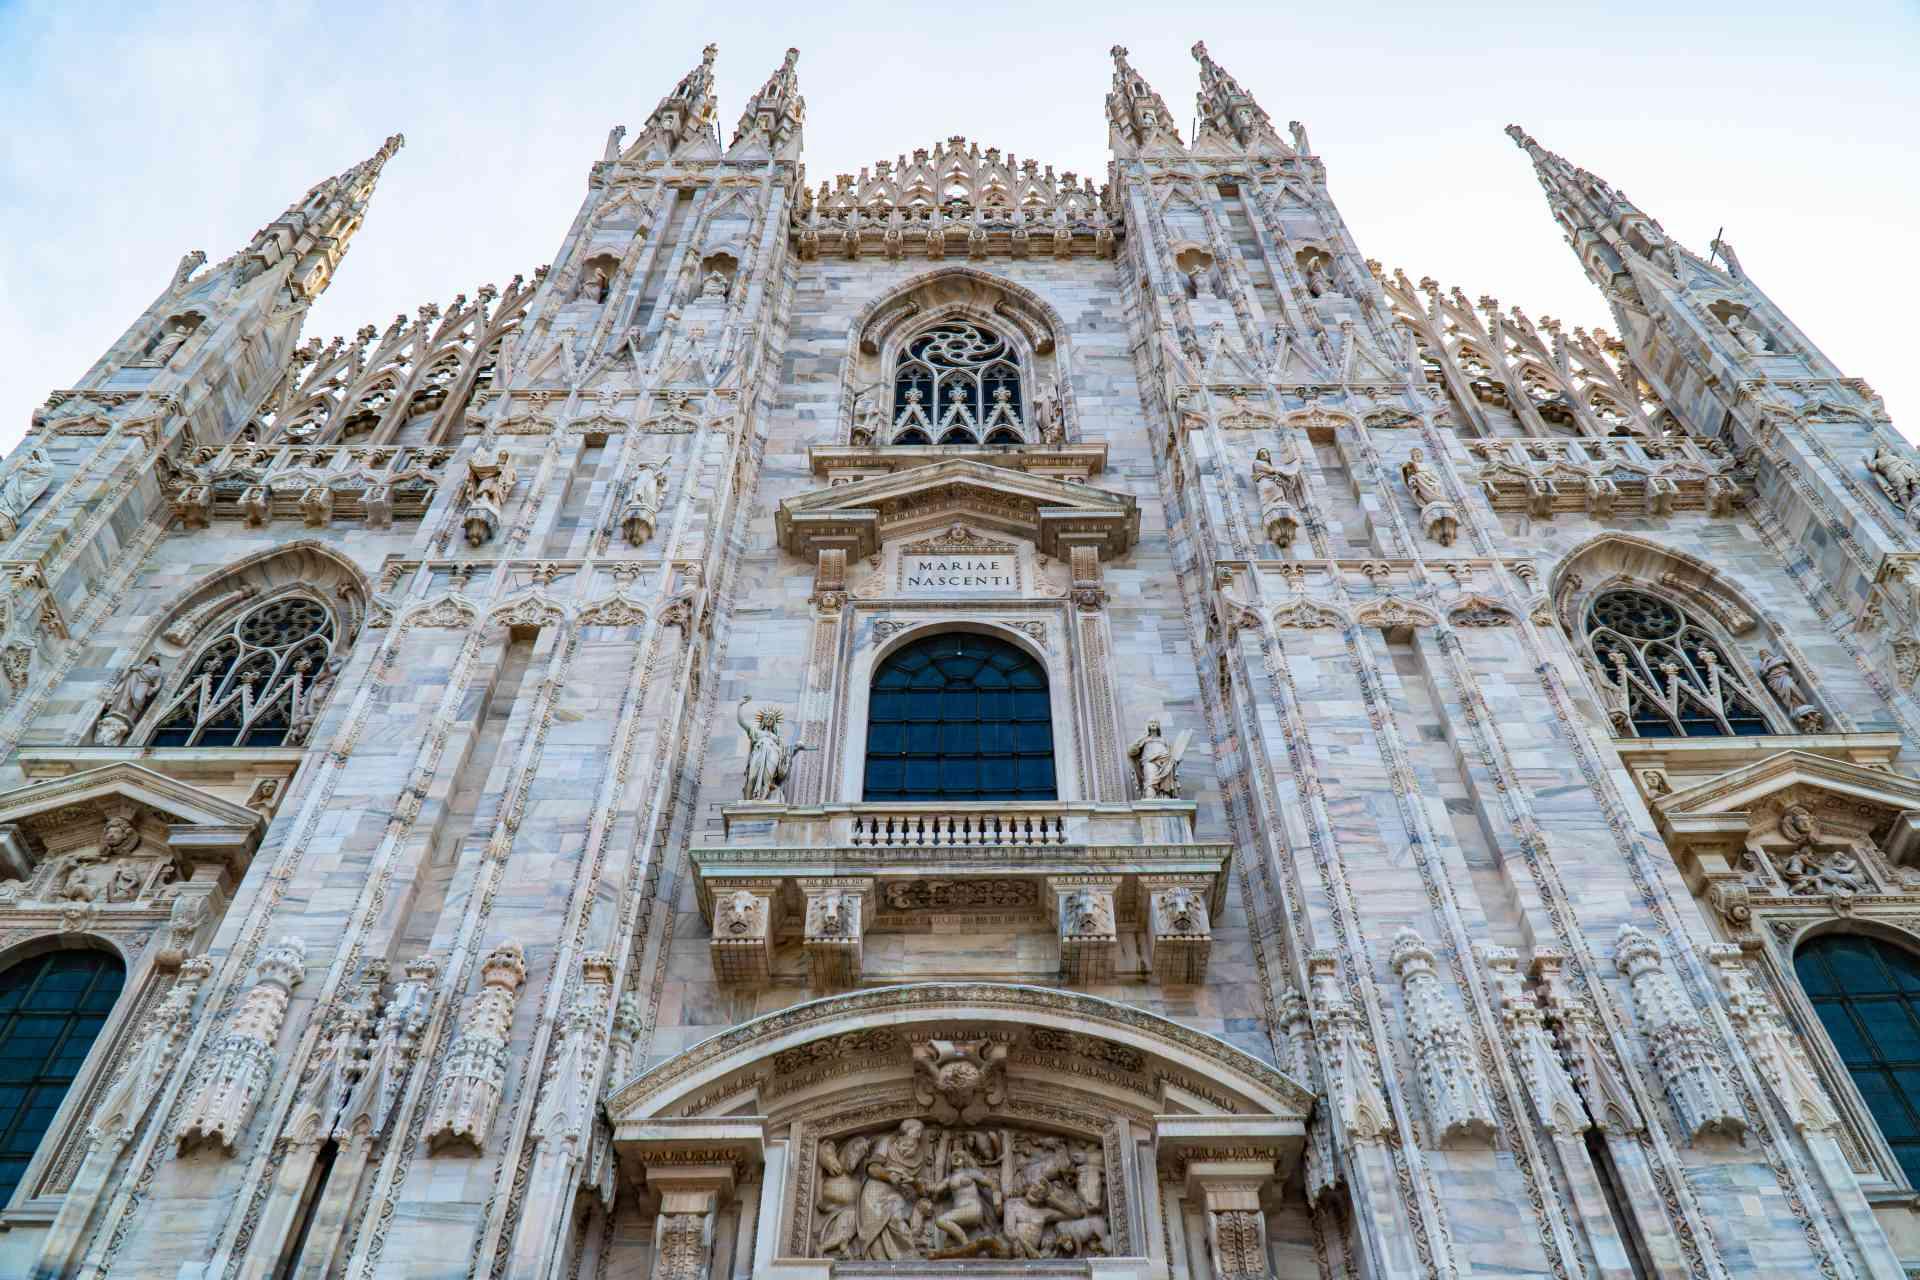 Duomo di Milano, Italy by Mirza Ariadi